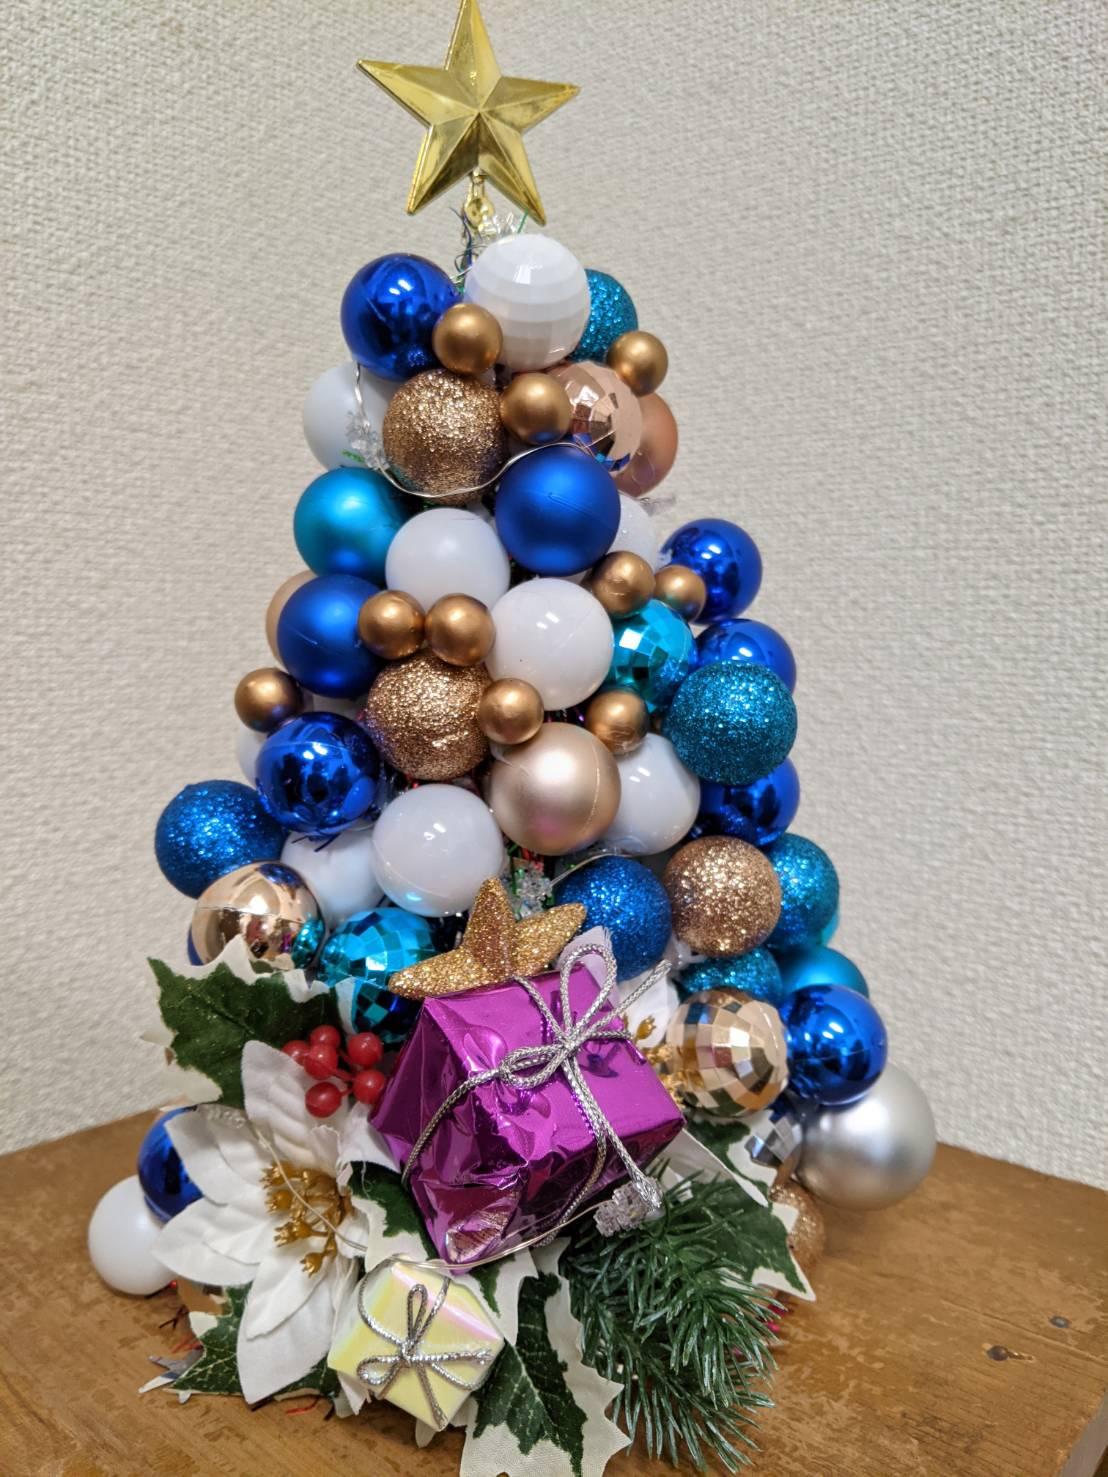 クリスマスツリー 青